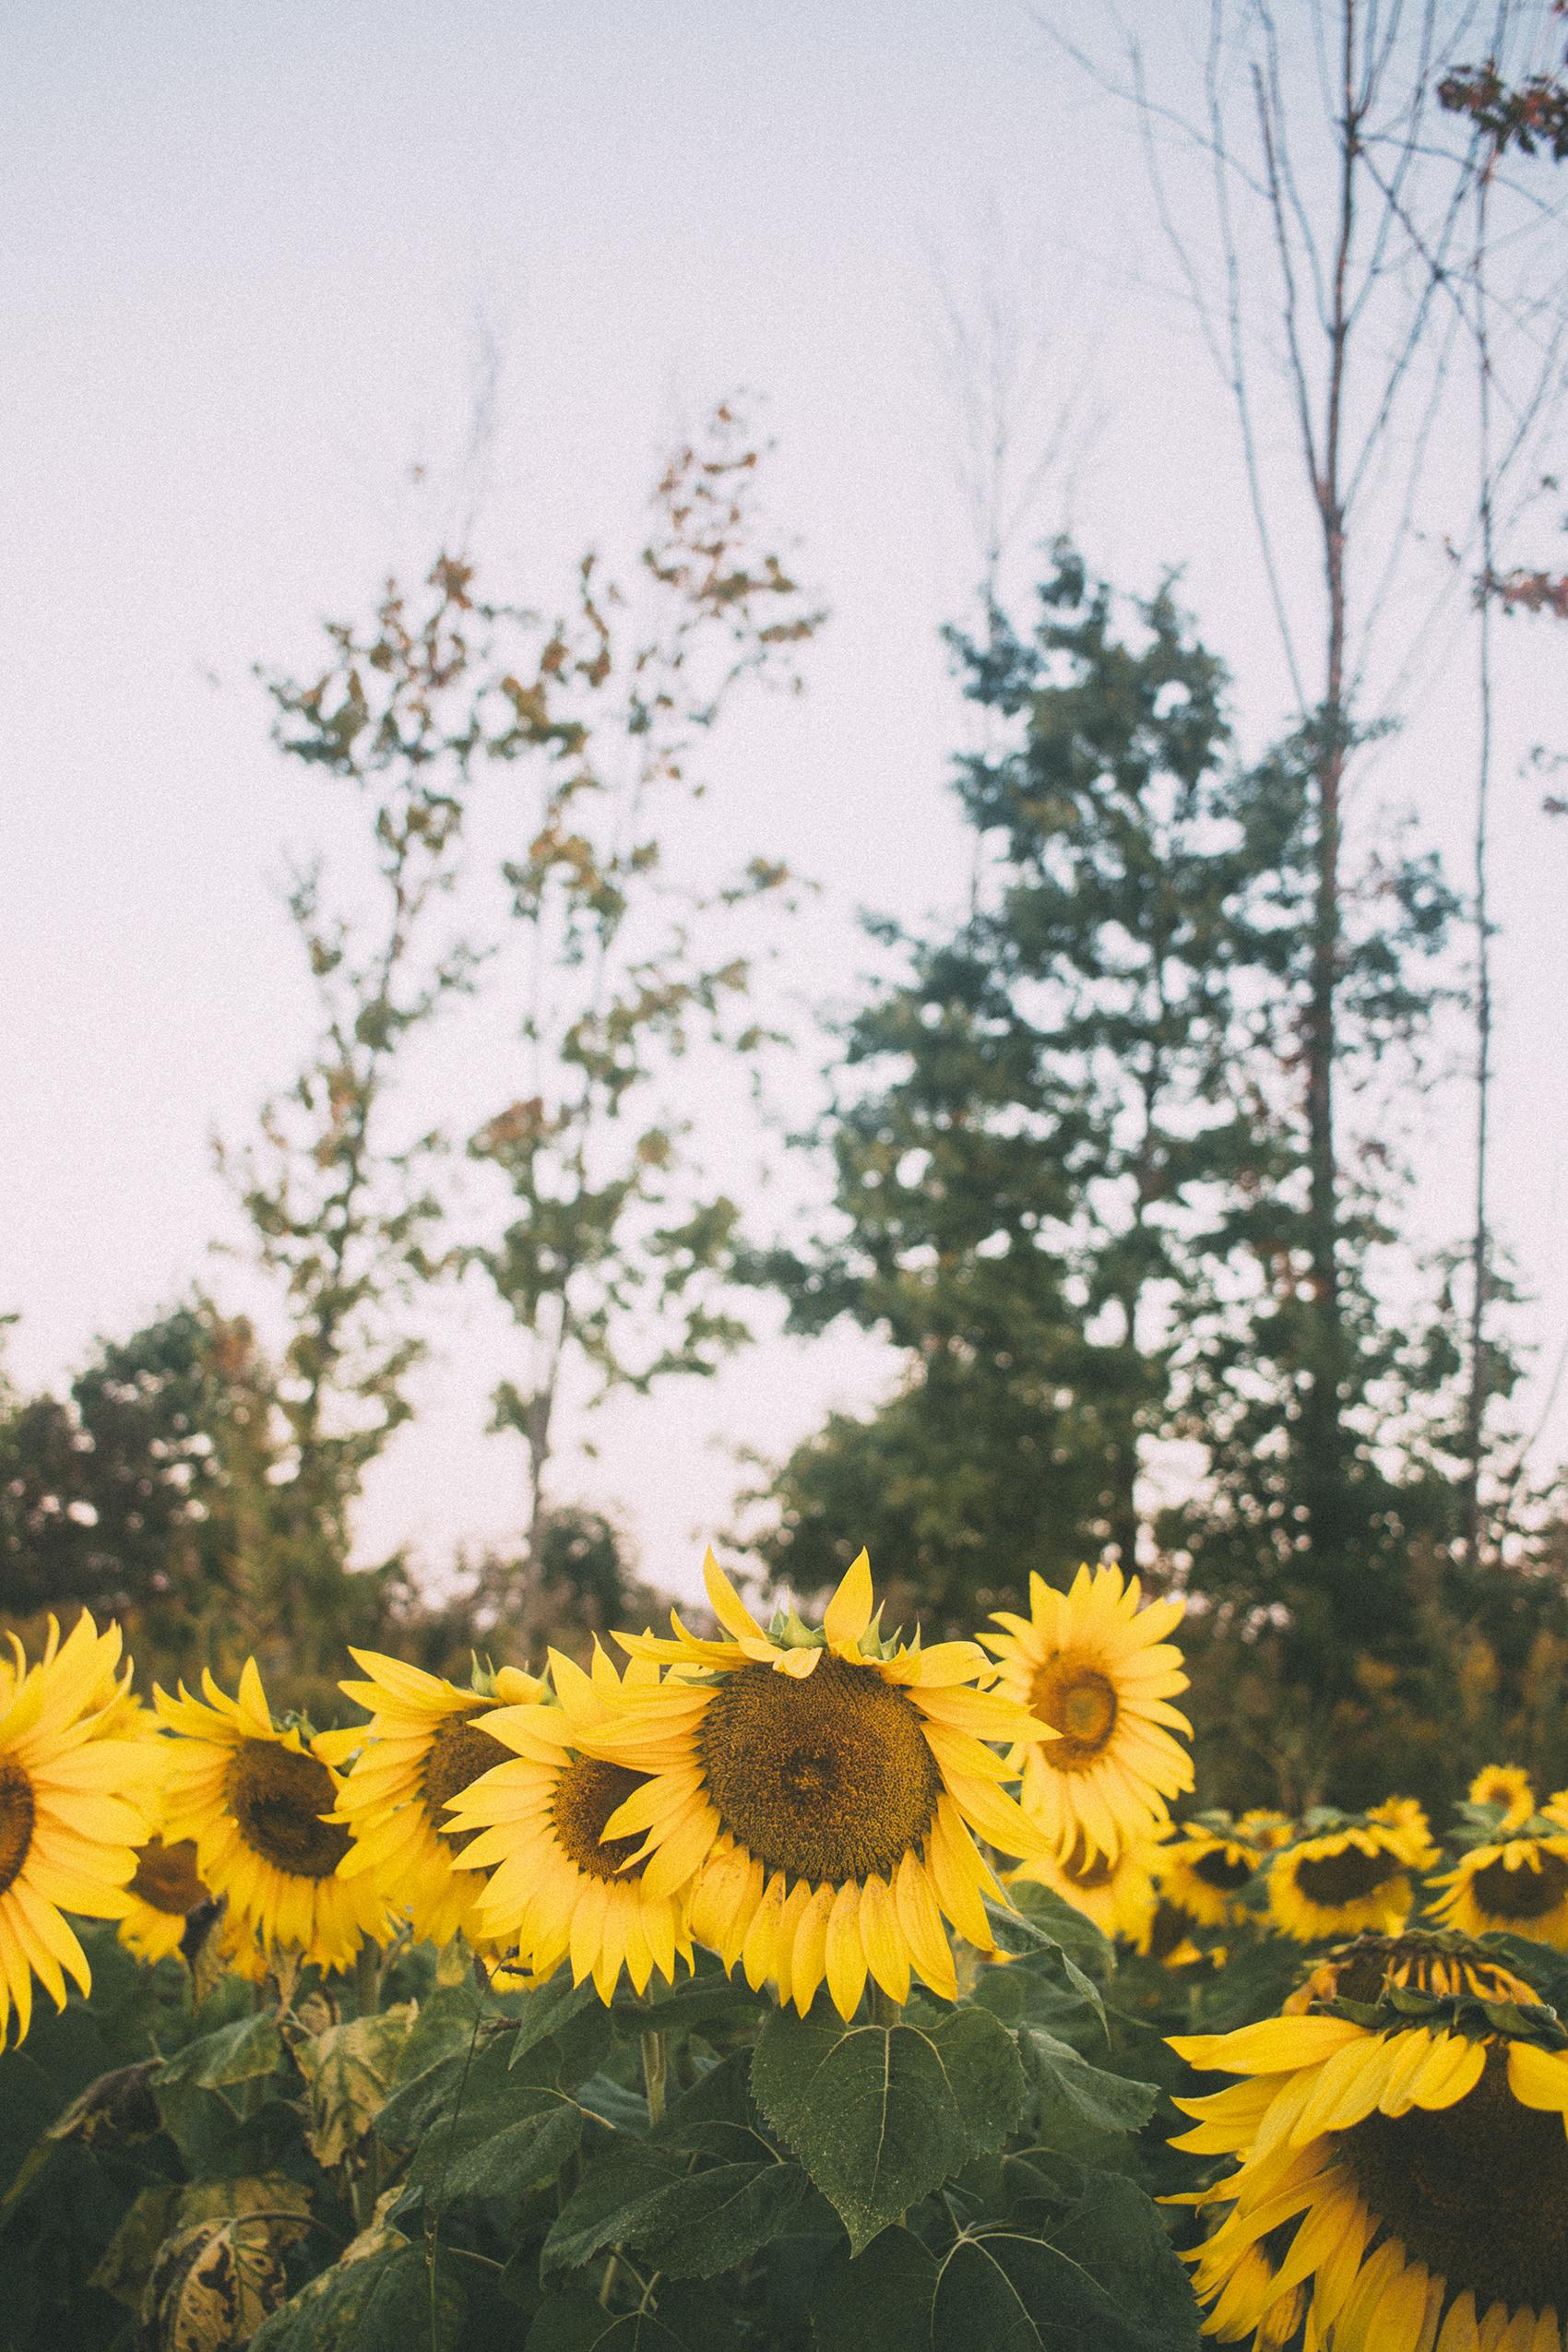 AvonOHSunflowers_09232017_101.jpg